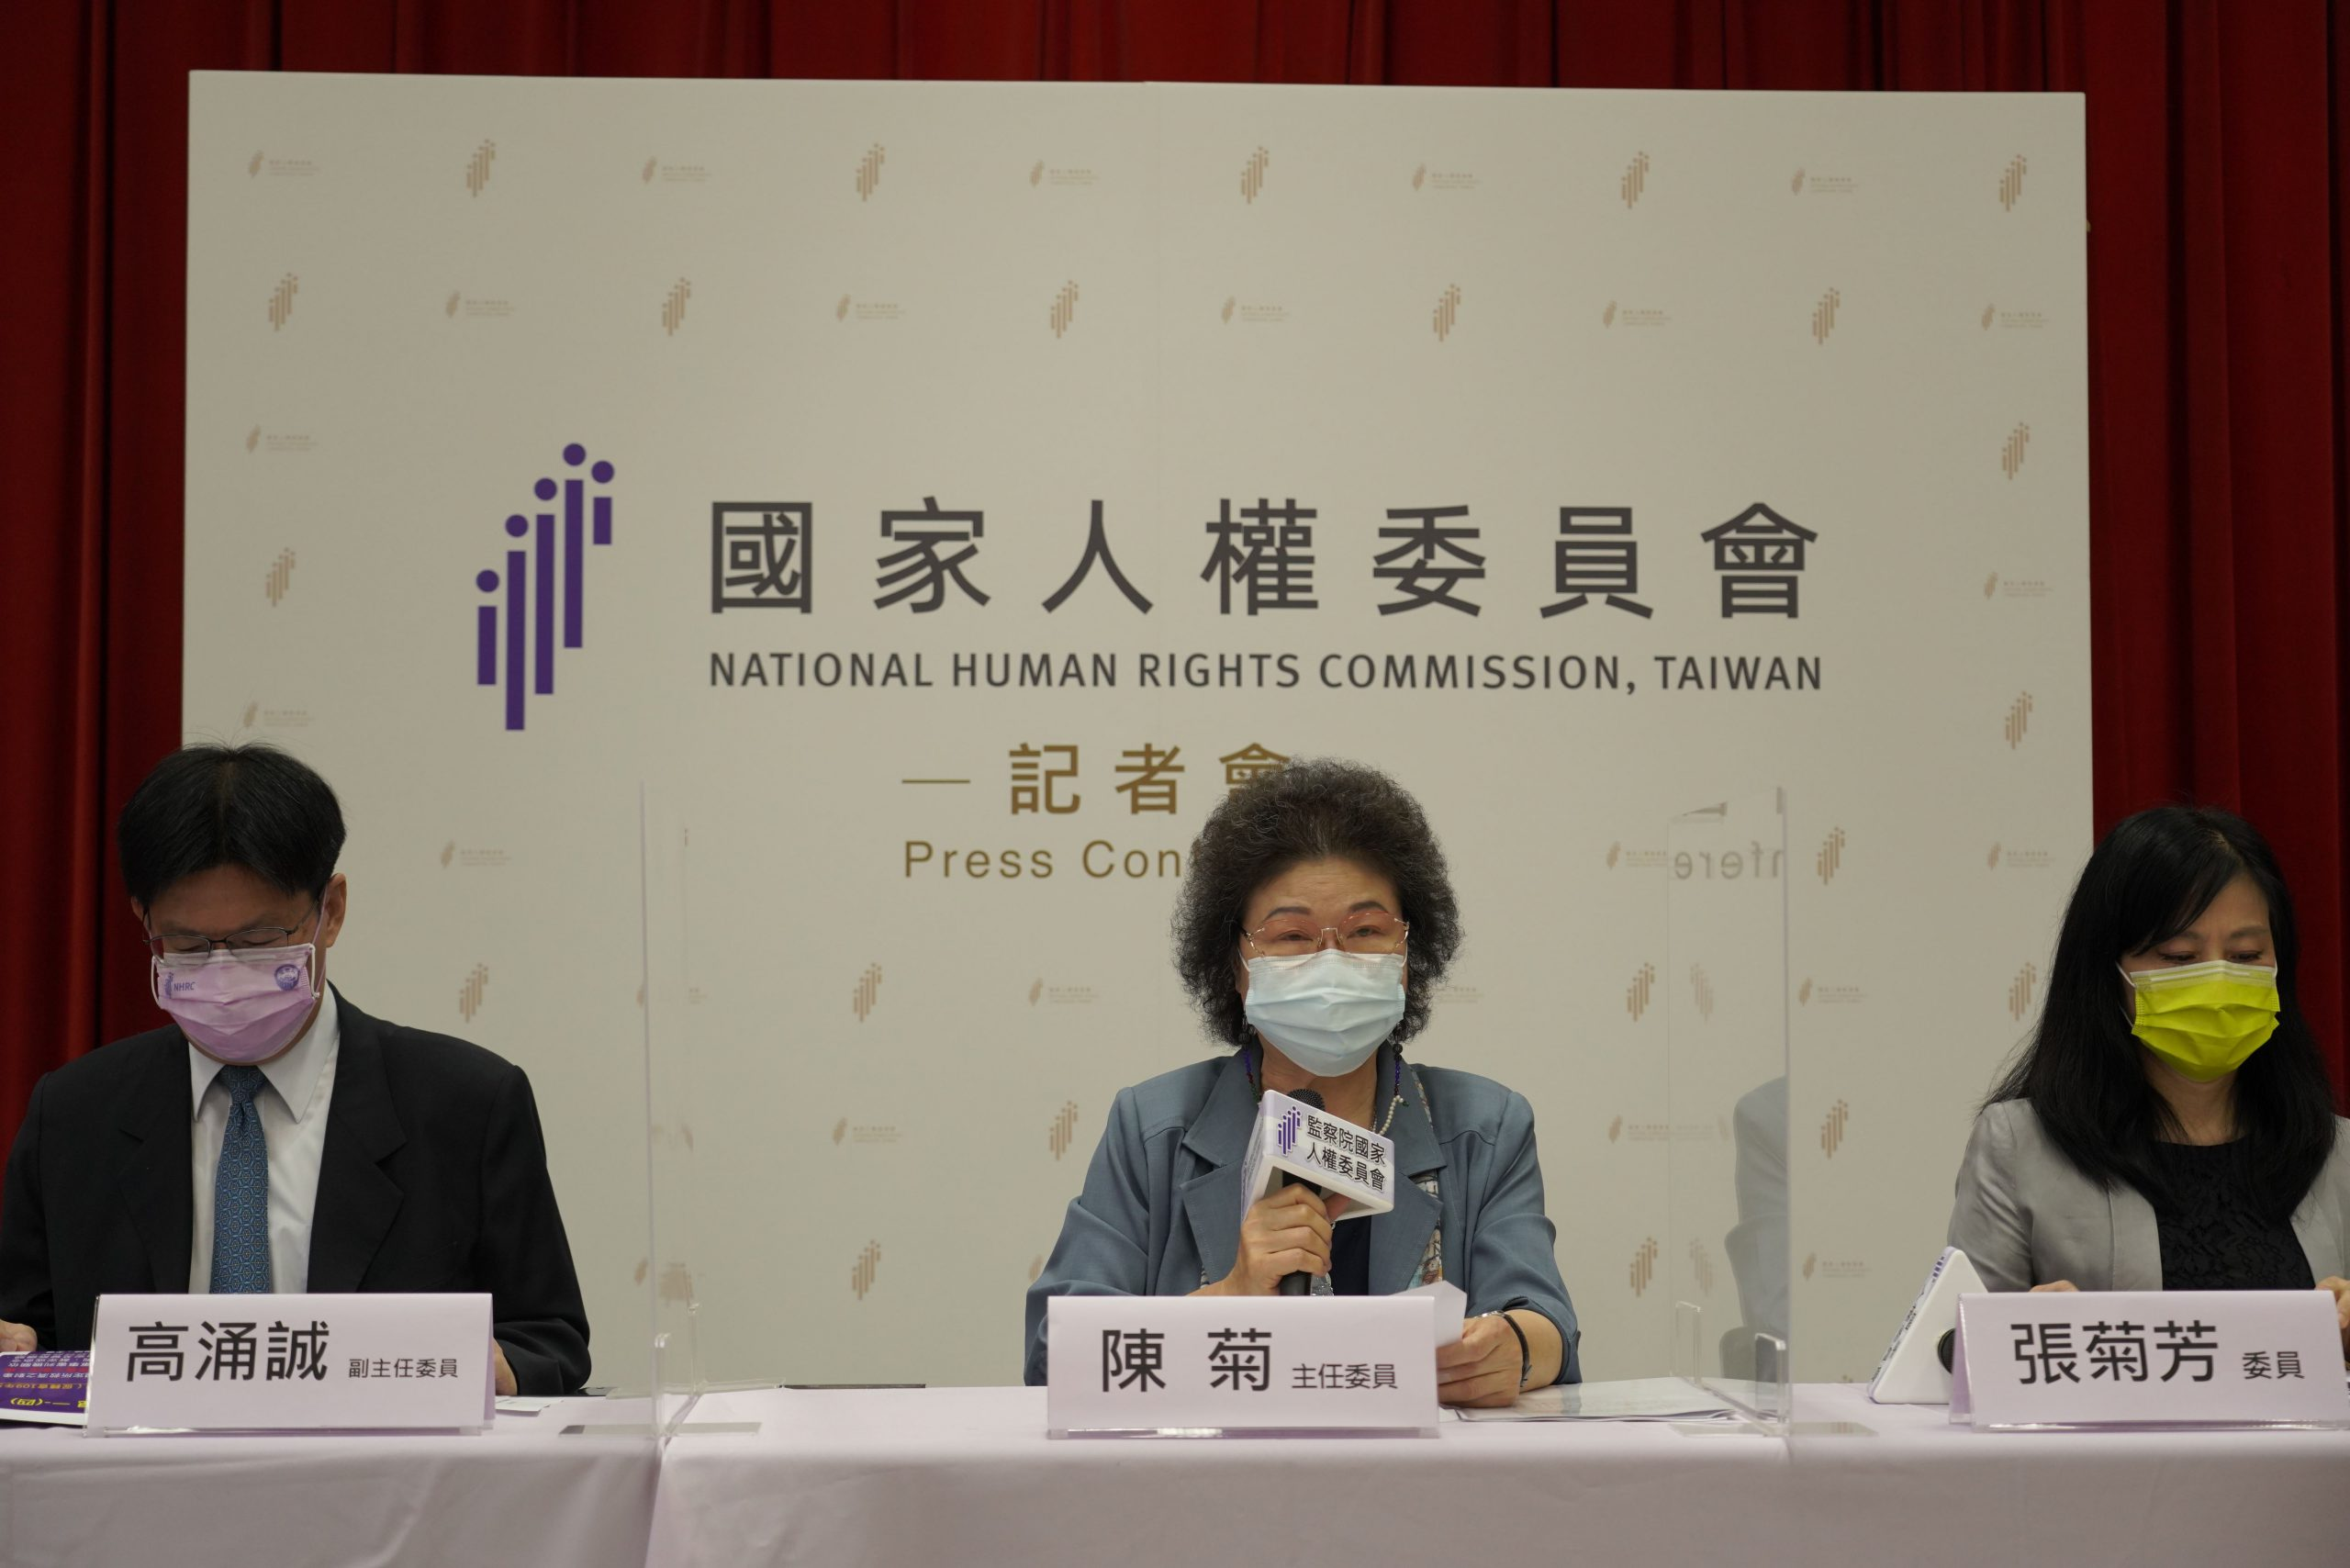 國家人權委員會公布首份人權調查報告:「林水泉遭受國家行政不法侵害人身自由案」。陳菊主任委員出席記者會說明報告內容。 (圖/國家人權委員會提供)